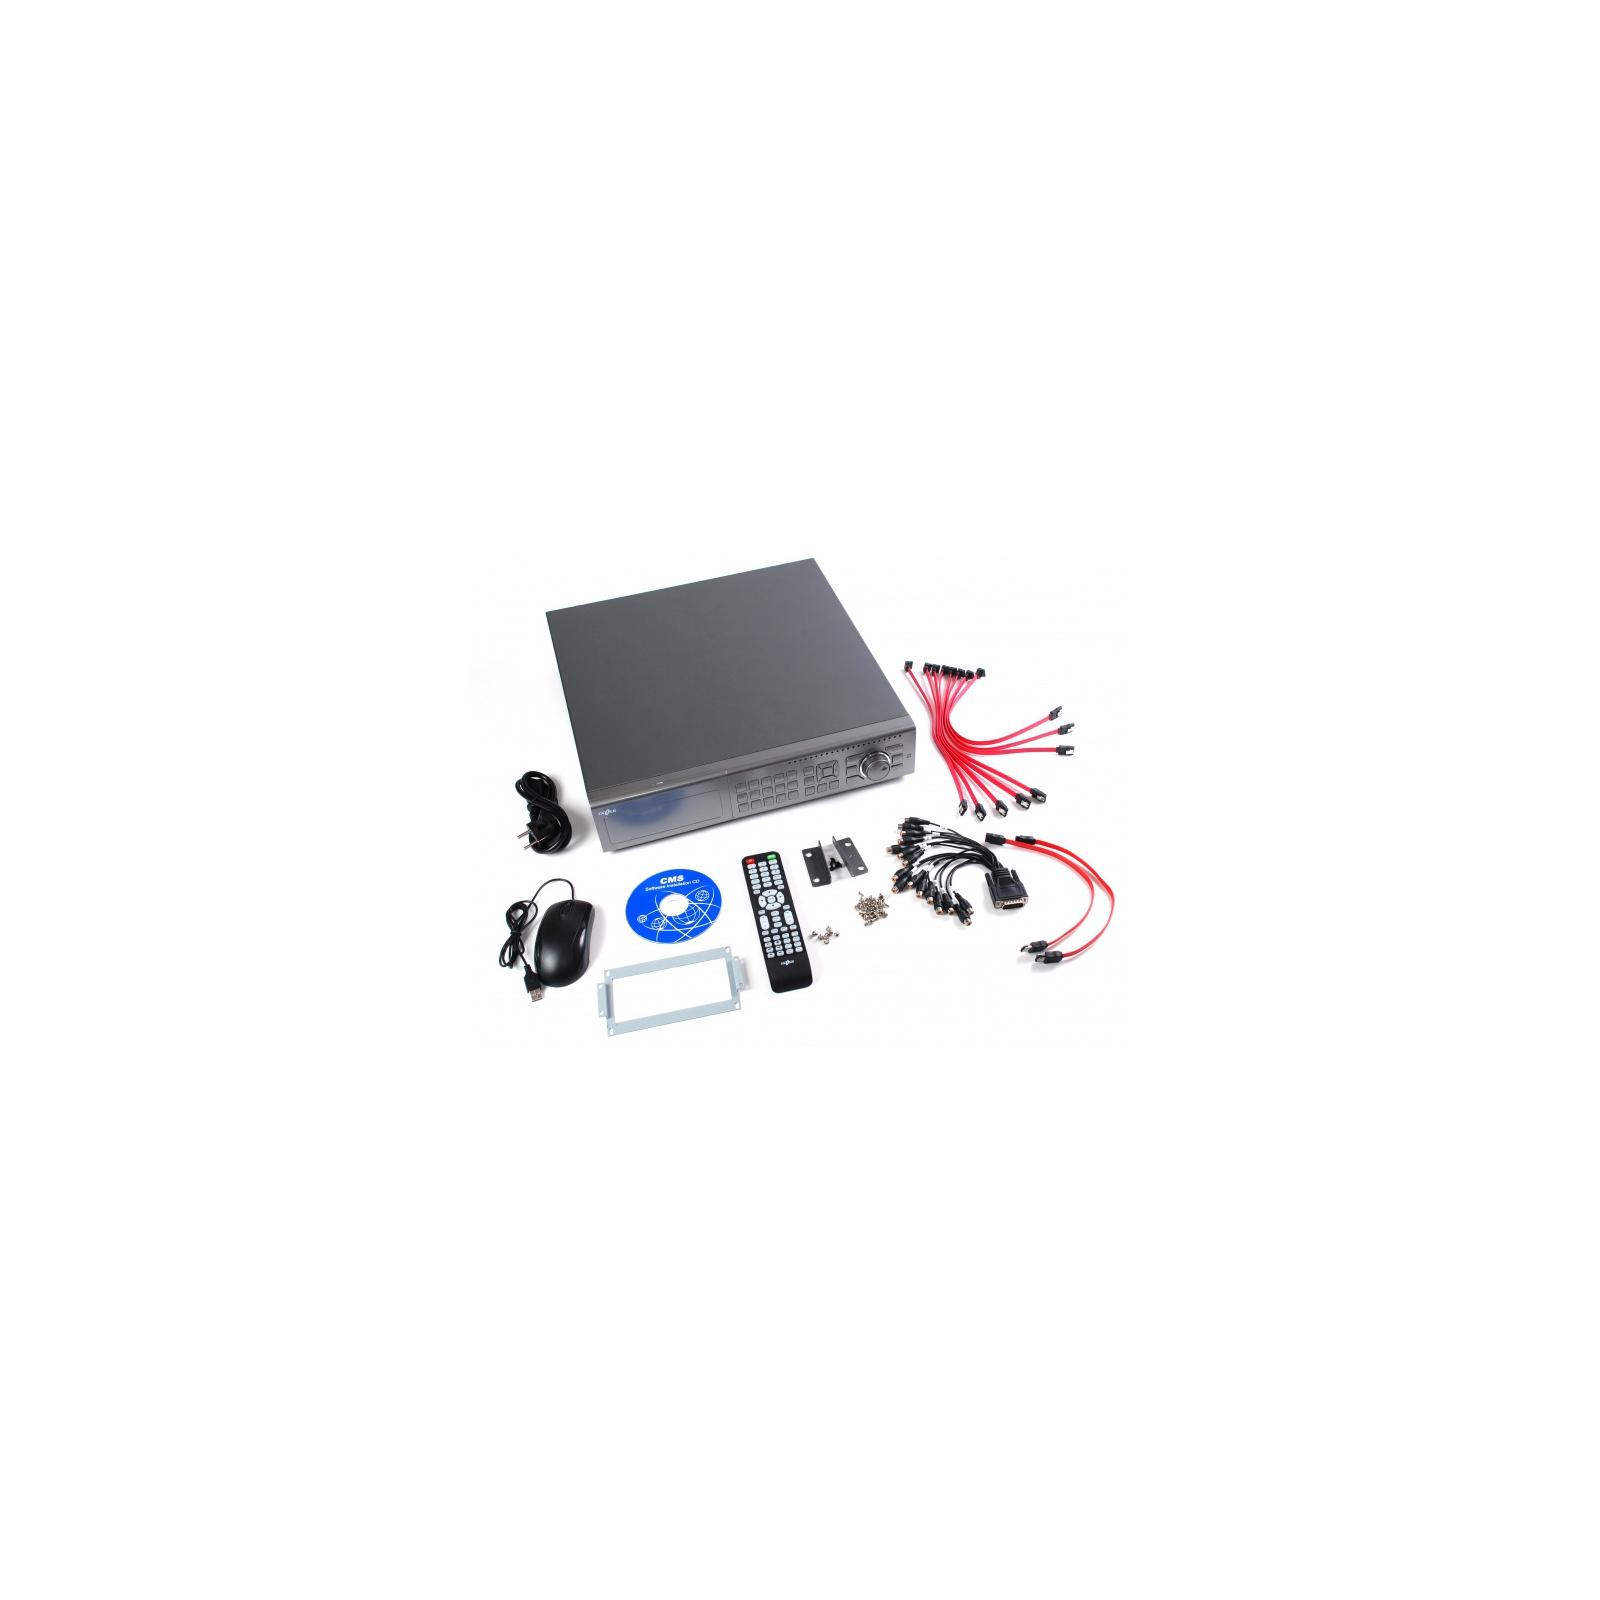 Регистратор для видеонаблюдения Gazer NF316r изображение 13